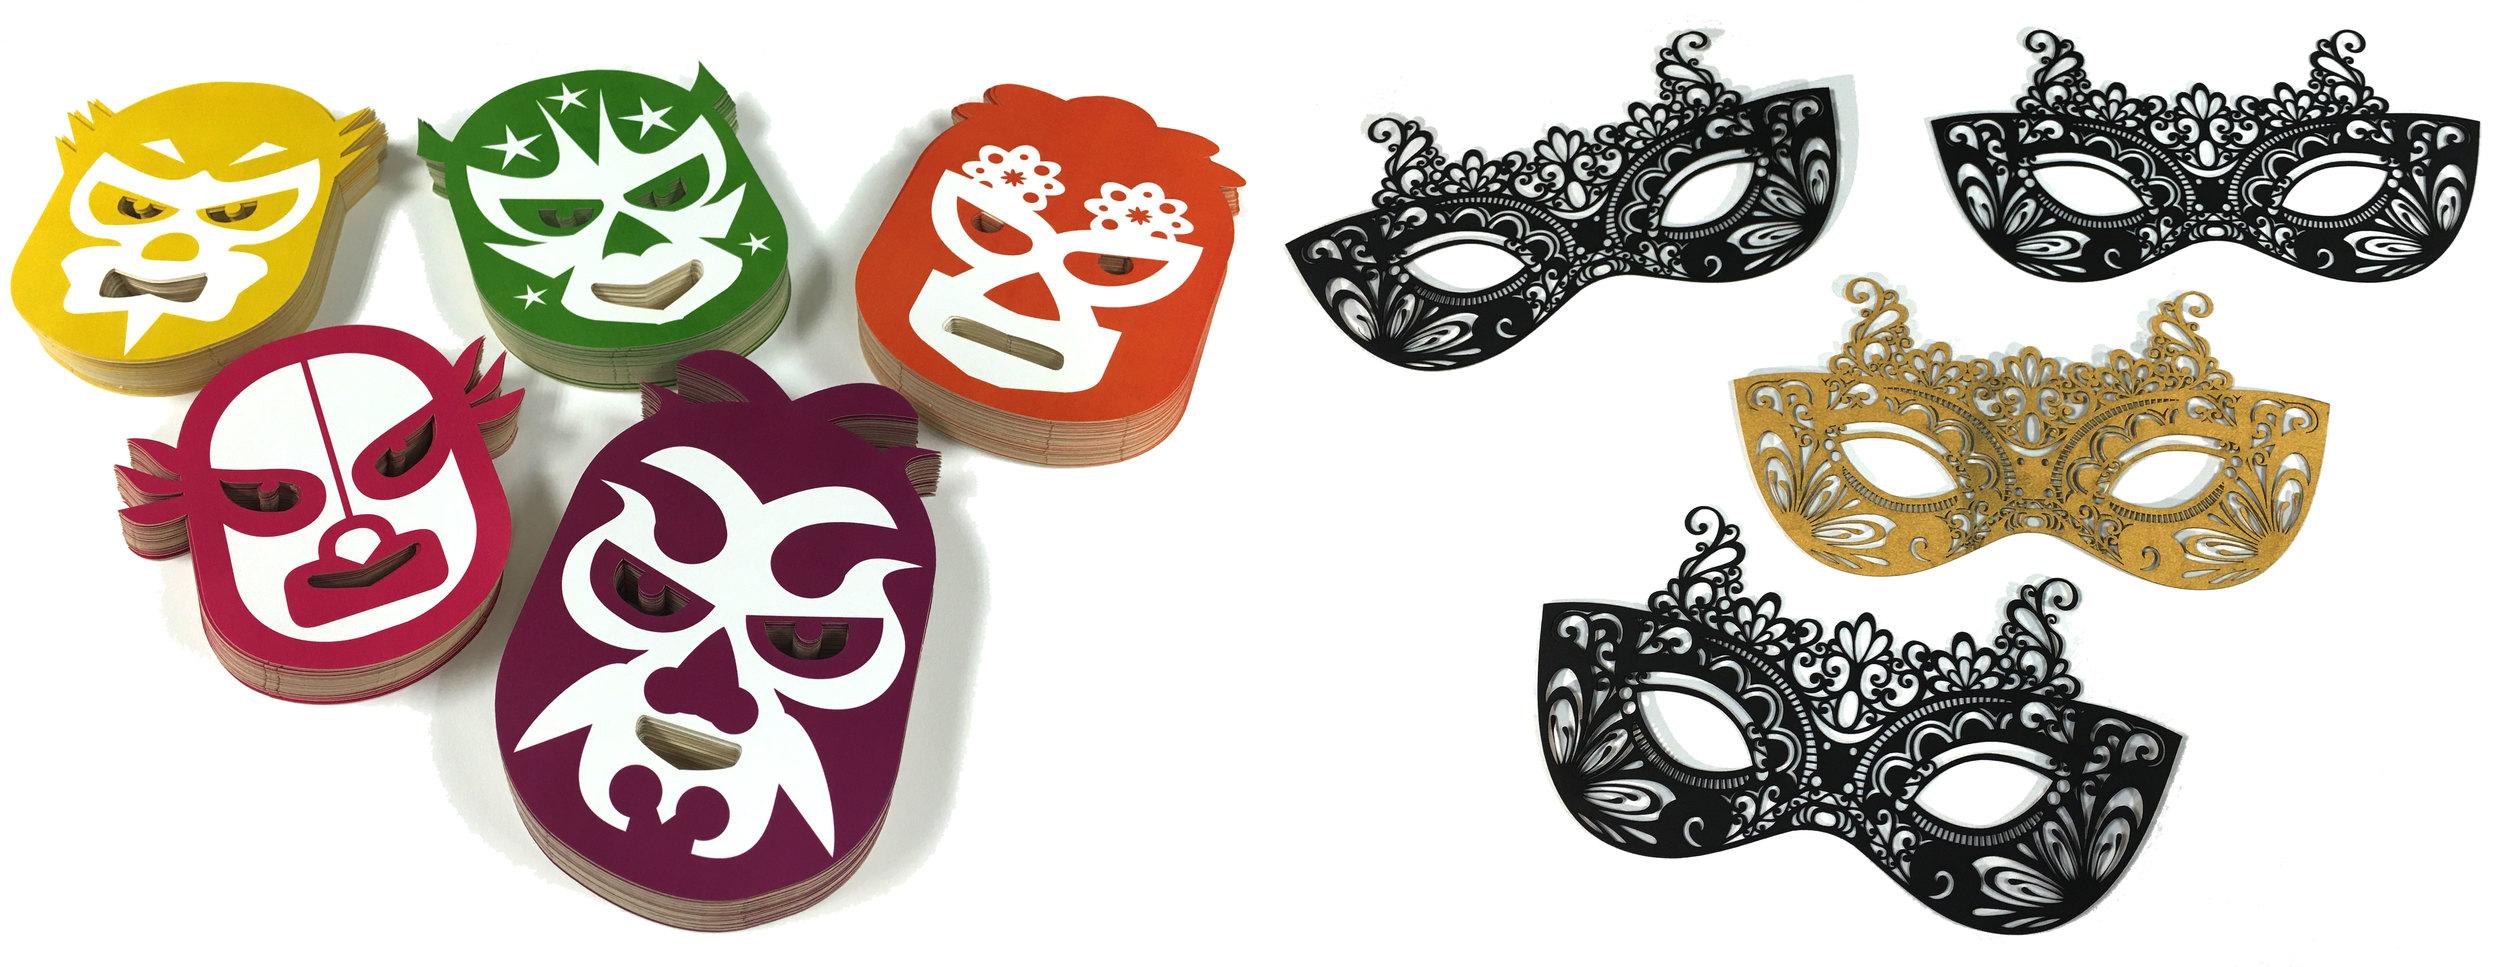 laser-cut-paper-masks.jpg